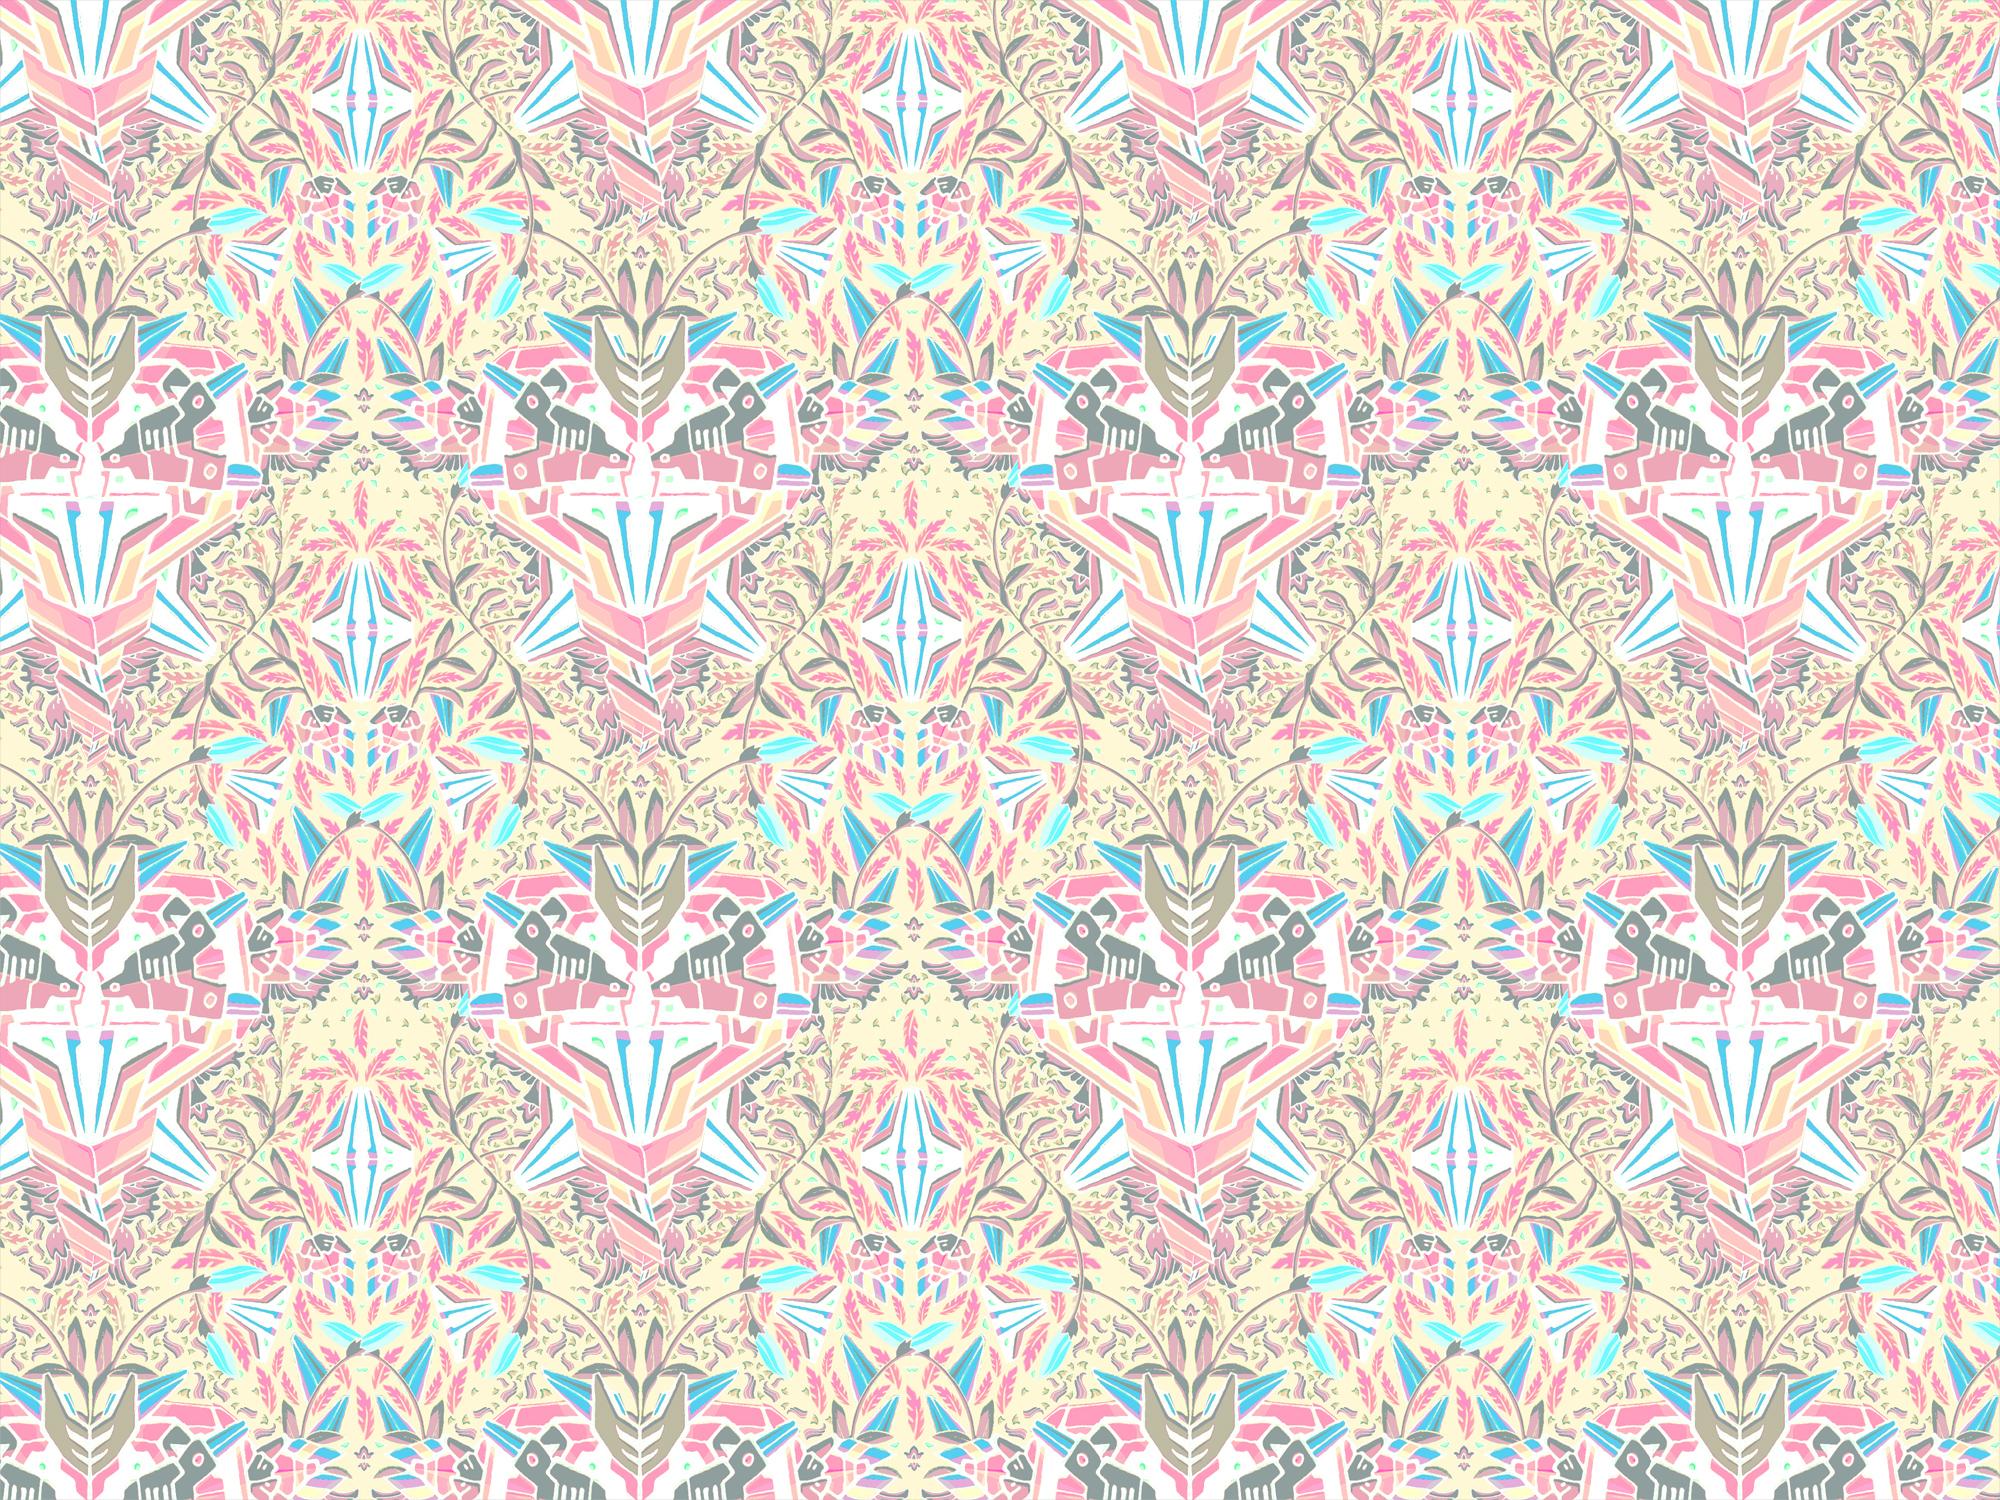 Wallpaper pattern design 16 Edouard Artus 2012 Edouard Artus 2000x1500